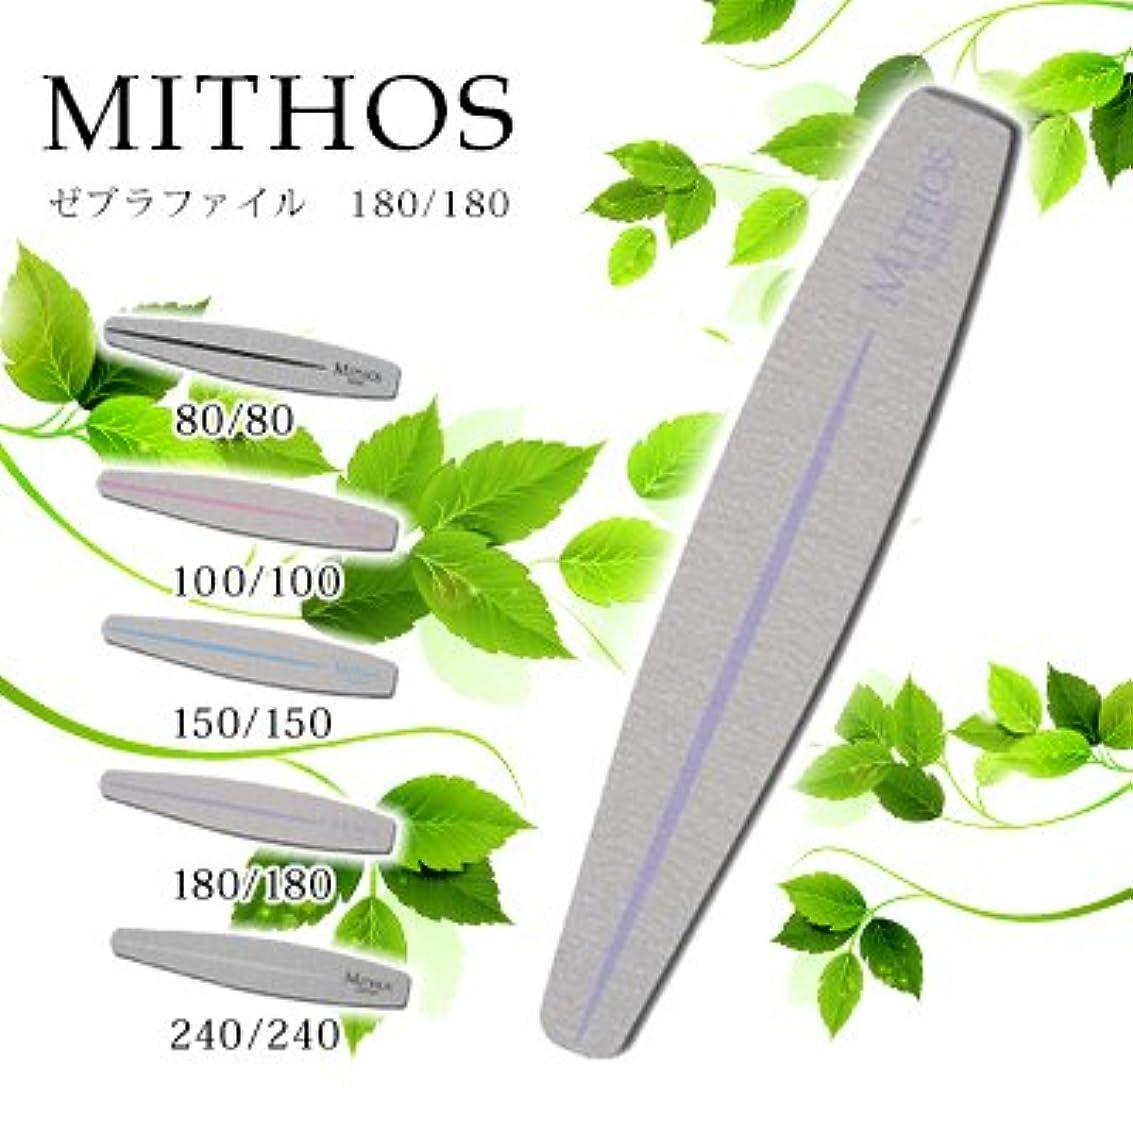 レガシー打ち上げる同じミトス MITHOS セブラファイル 180/180